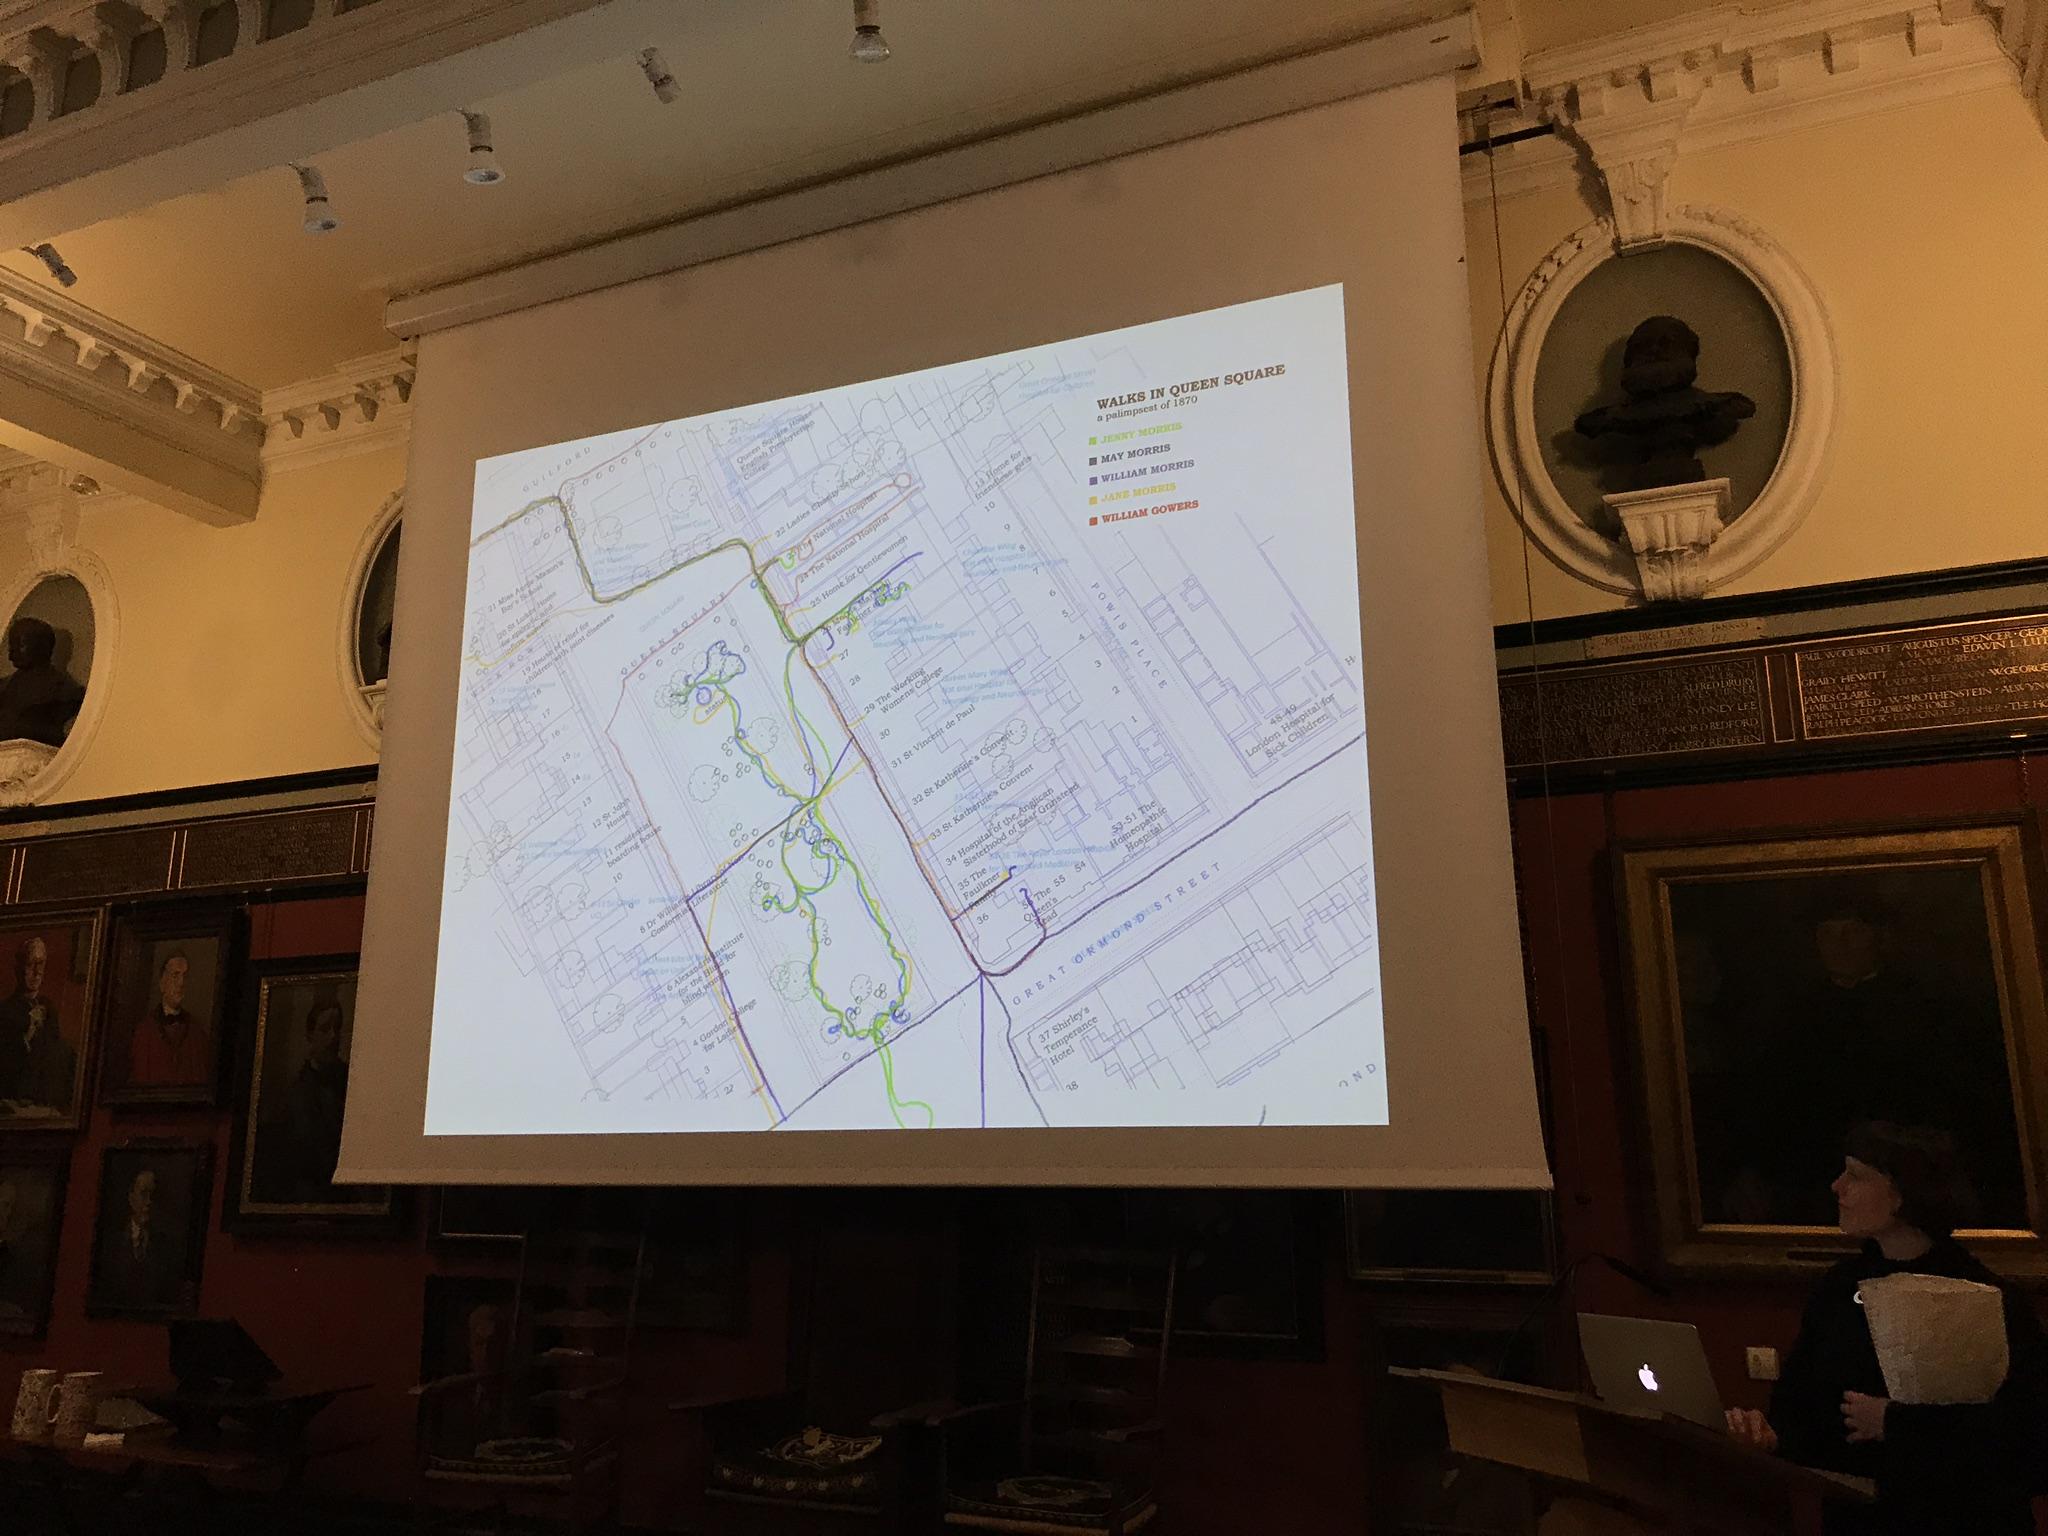 Julia's slide of Walks in Queen Square